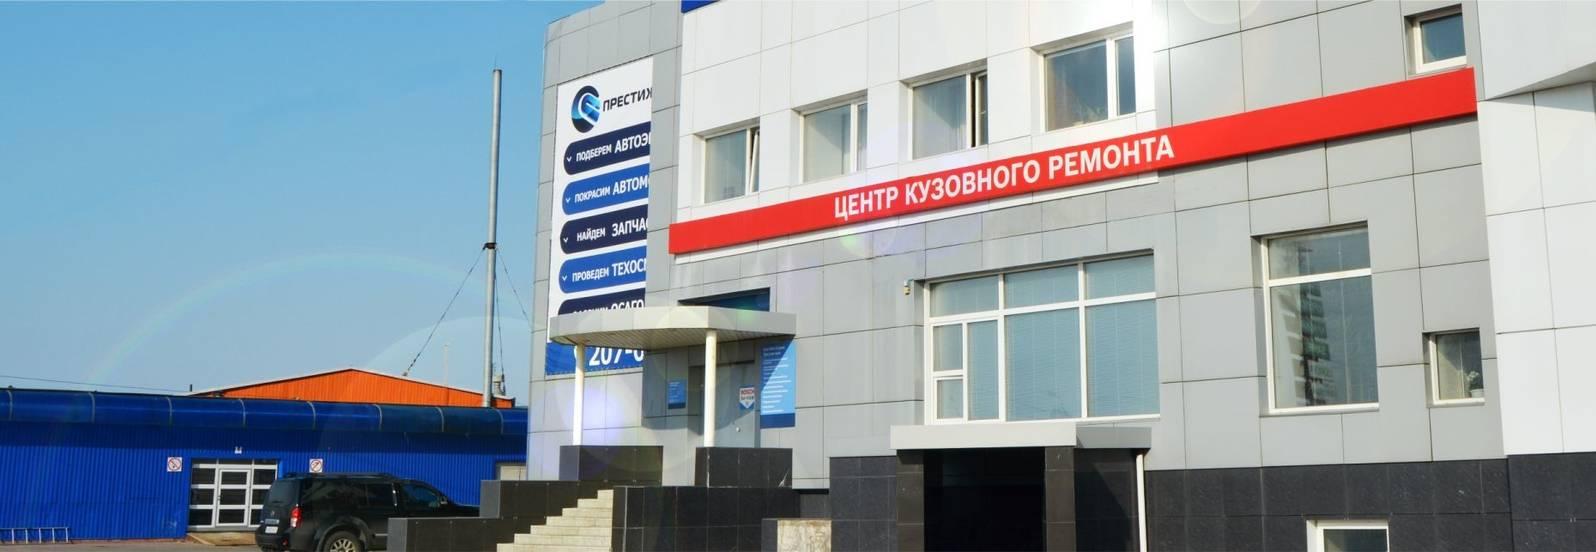 Авторизованный сервисный центр Peugeot Citroen Престиж-авто